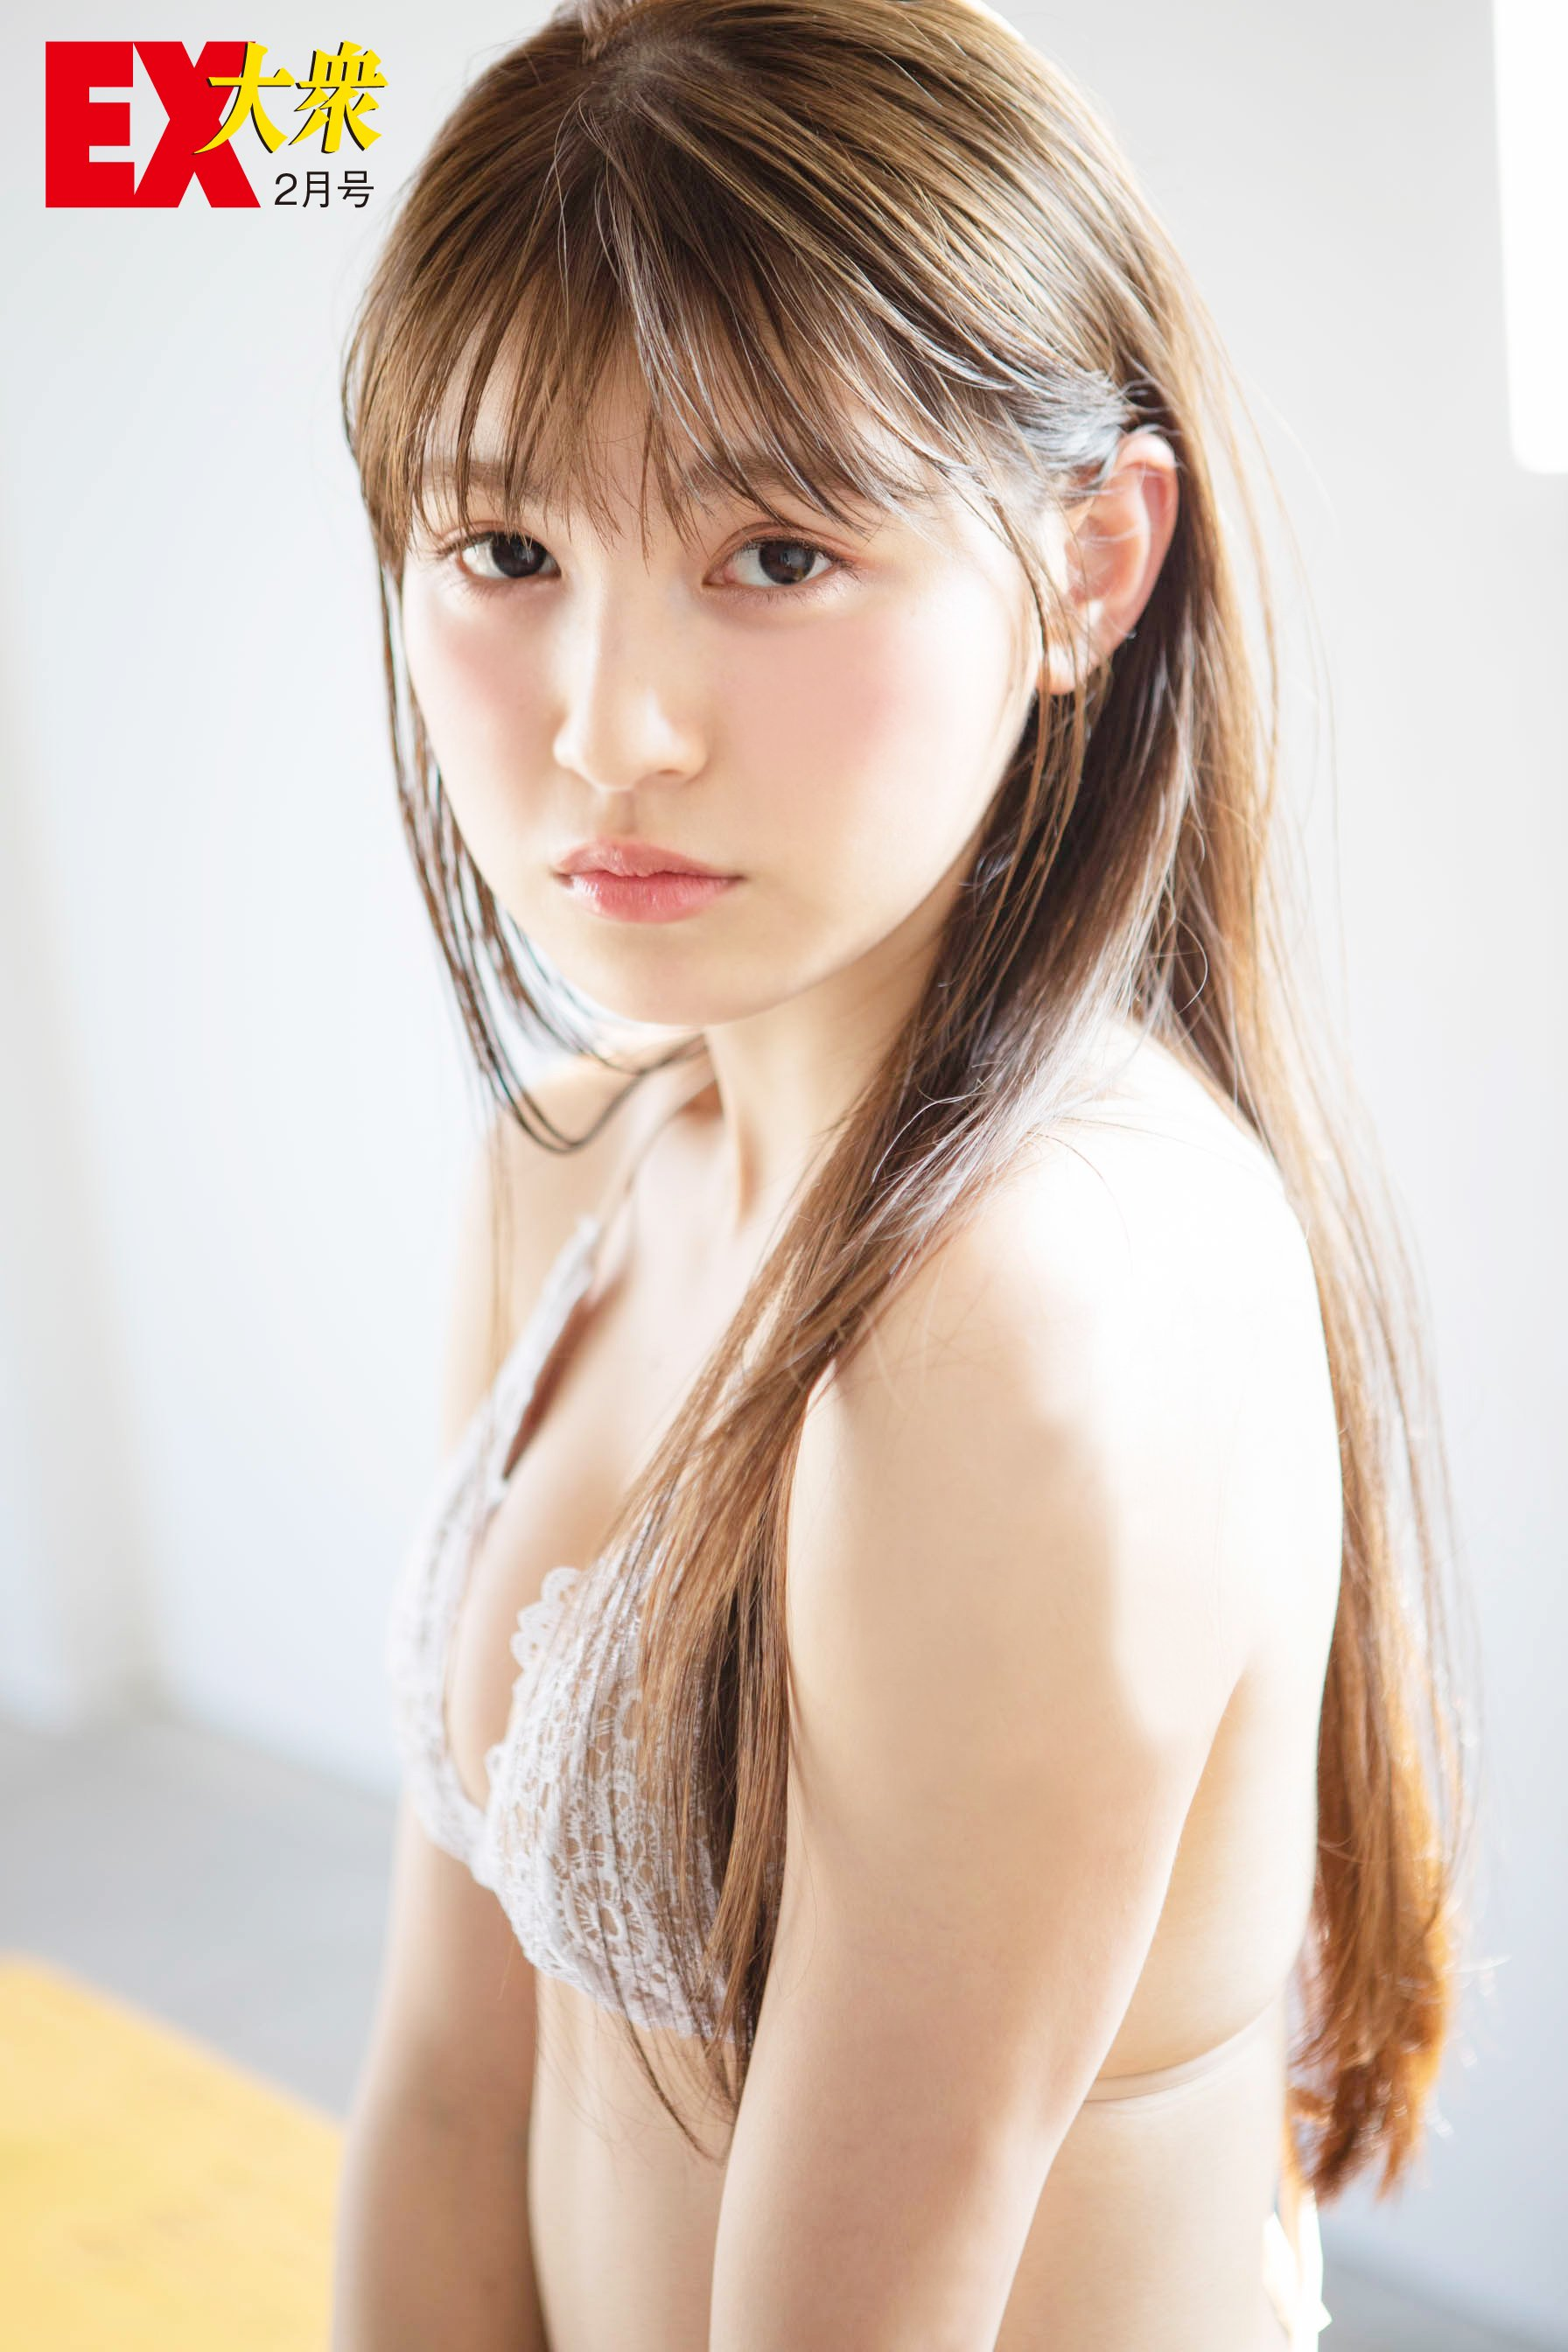 HKT48神志那結衣の画像1